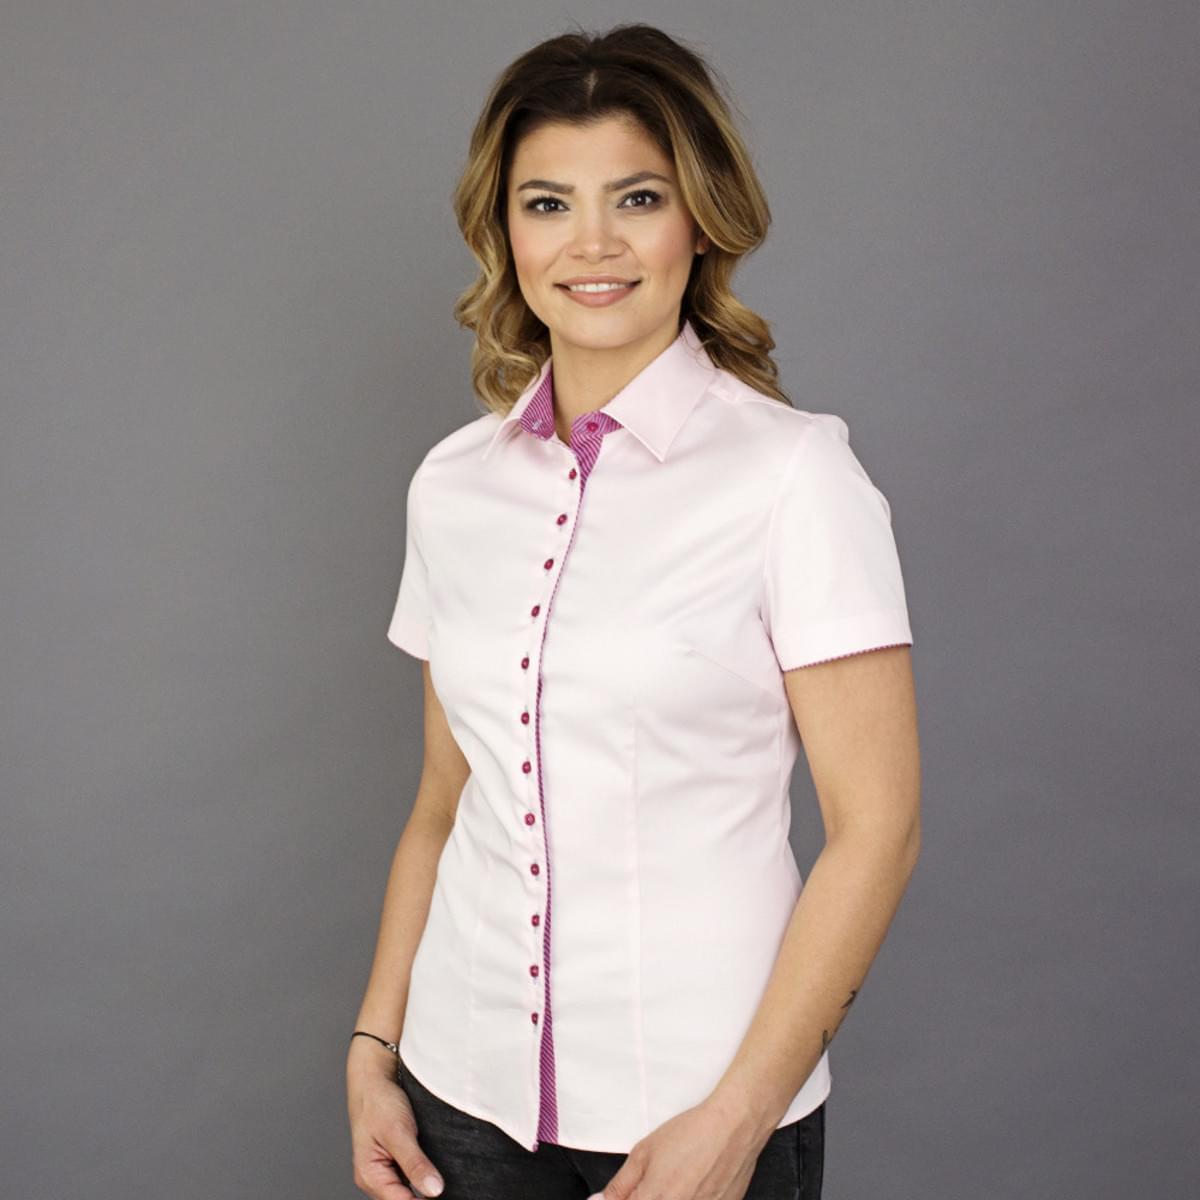 Dámská košile s krátkým rukávem Willsoor 7809 v růžové barvě 34